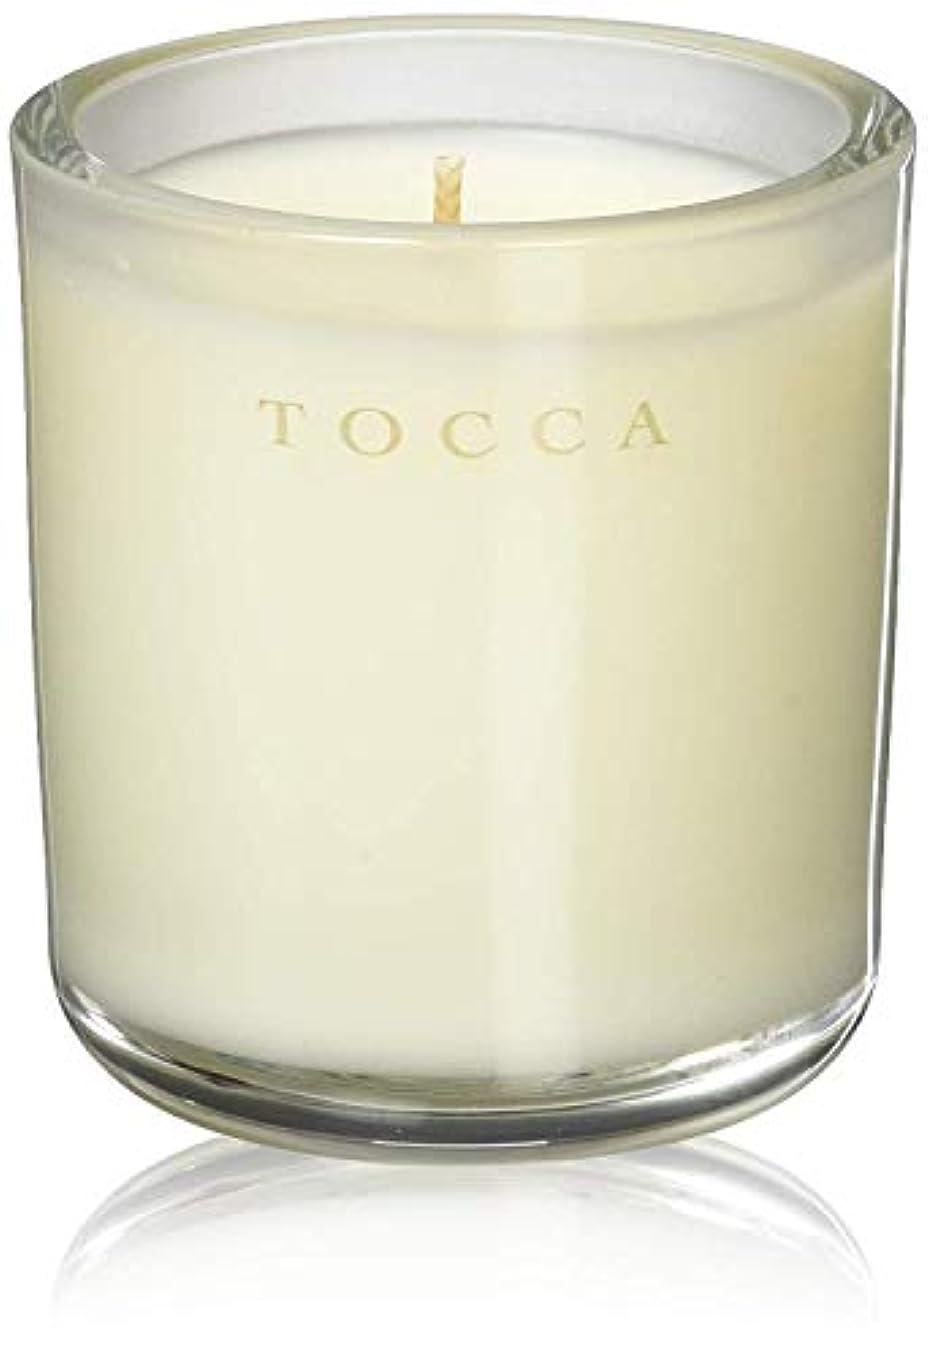 オーディション食用高価なTOCCA(トッカ) ボヤージュ キャンデリーナ バレンシア 85g (ろうそく 芳香 オレンジとベルガモットのフレッシュシトラスな香り)